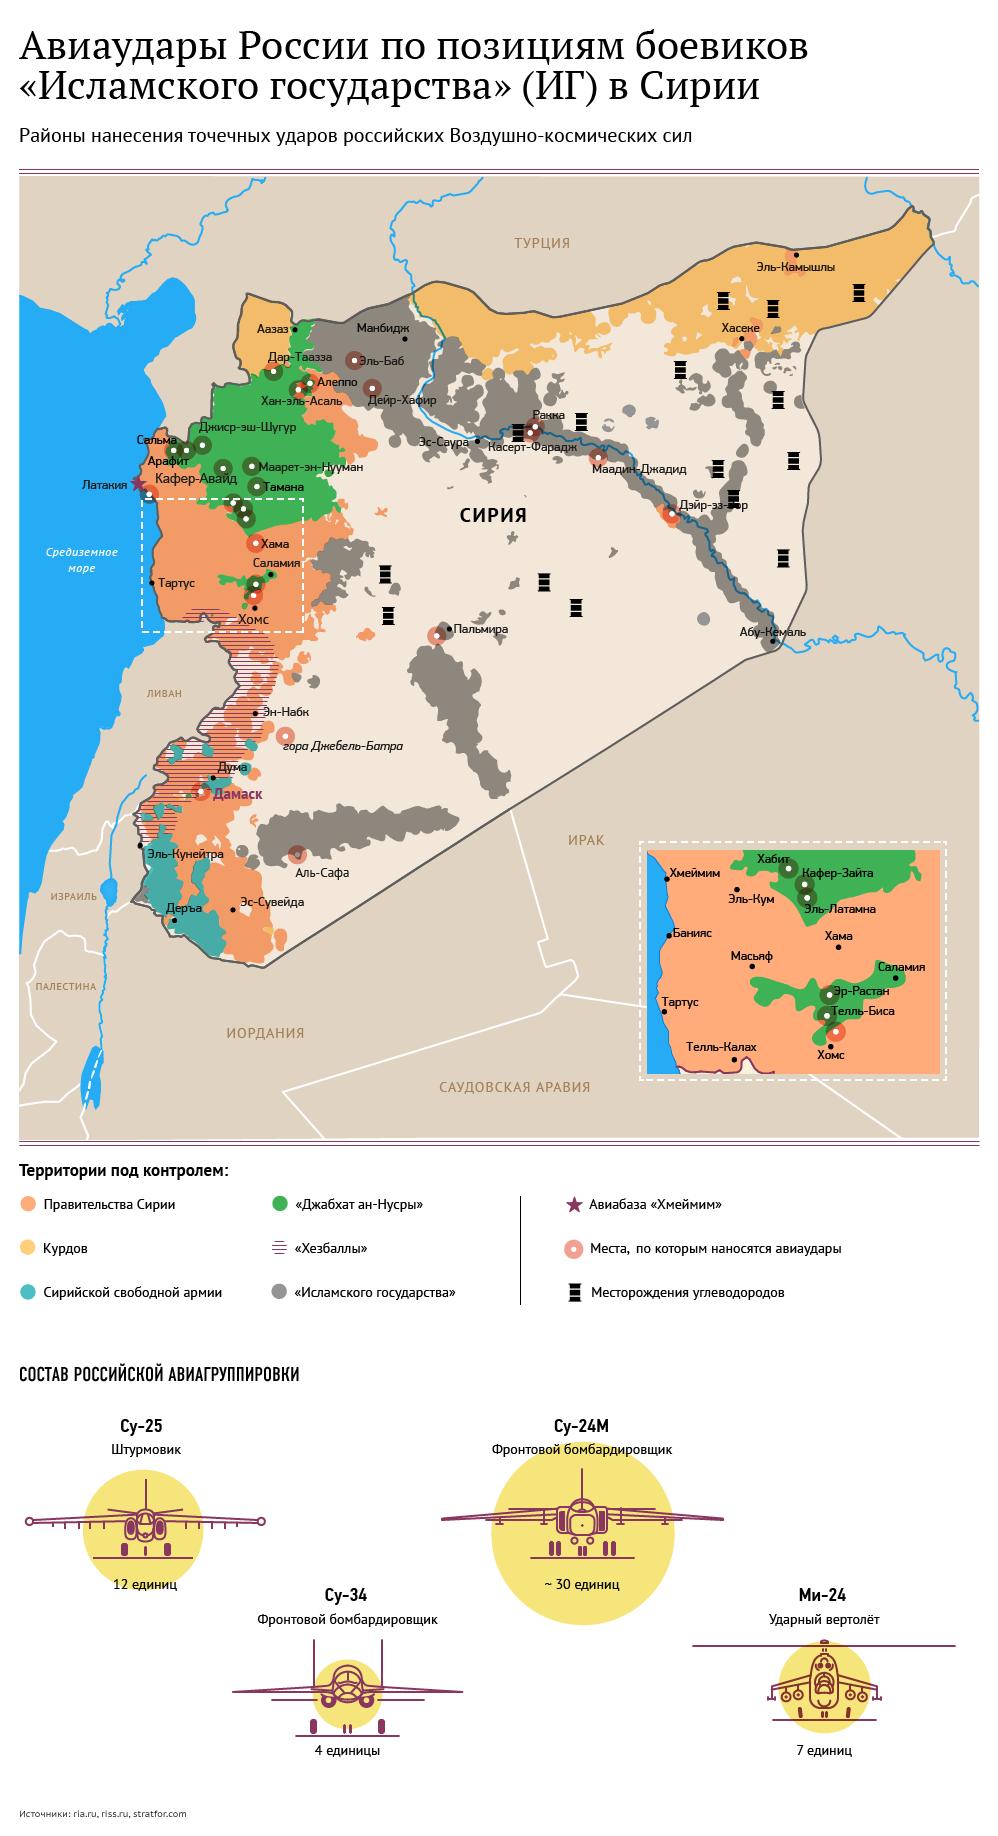 Авиаудары России по Исламскому государству в Сирии